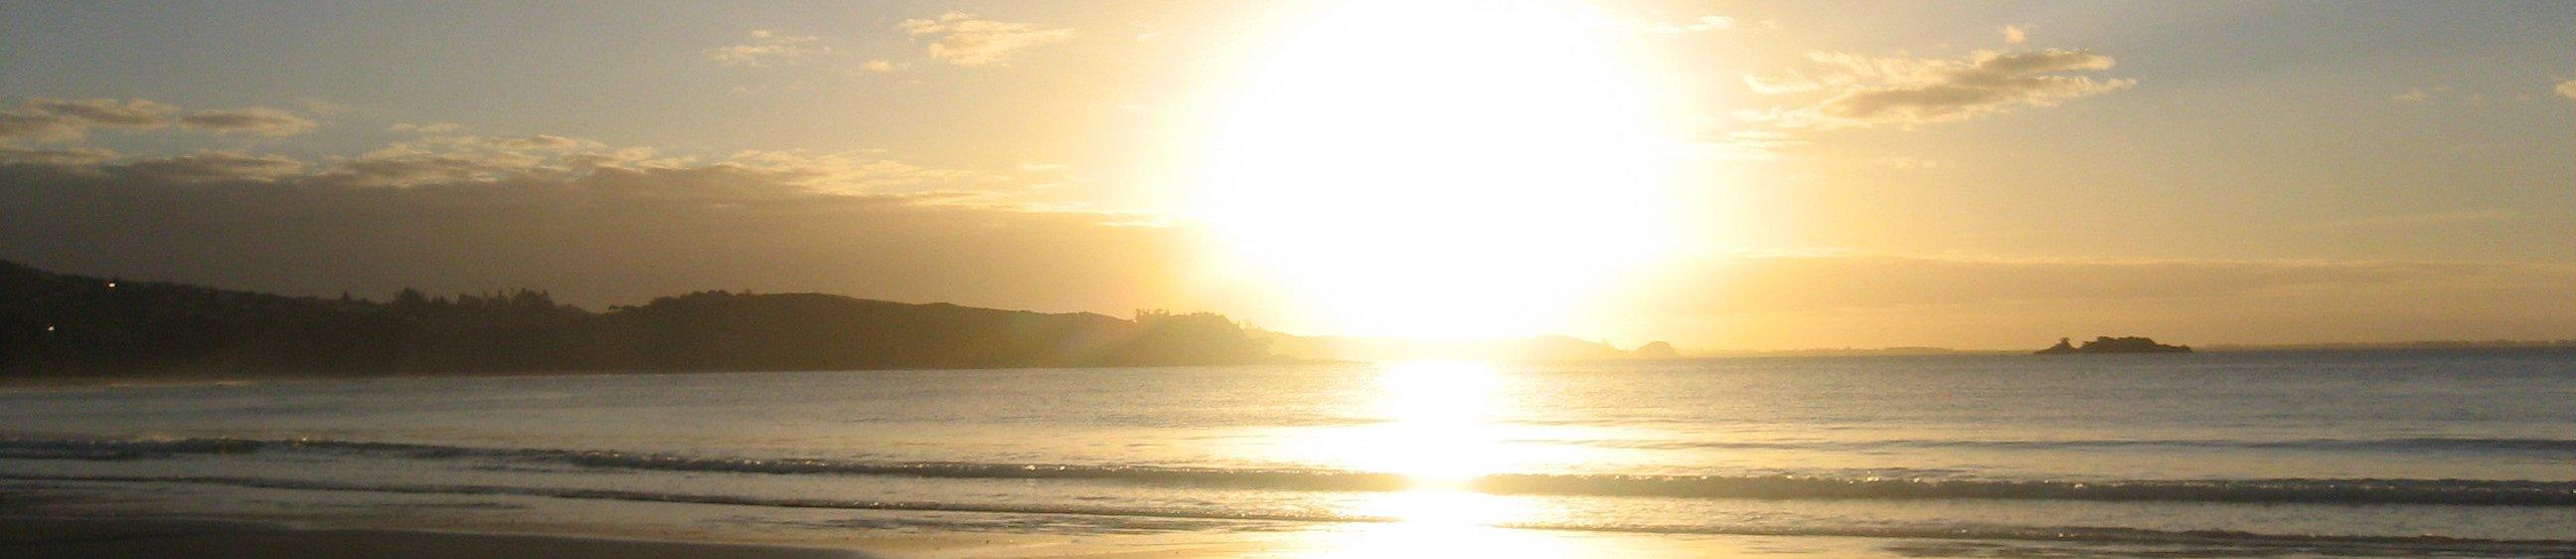 ニュージーランド banner image